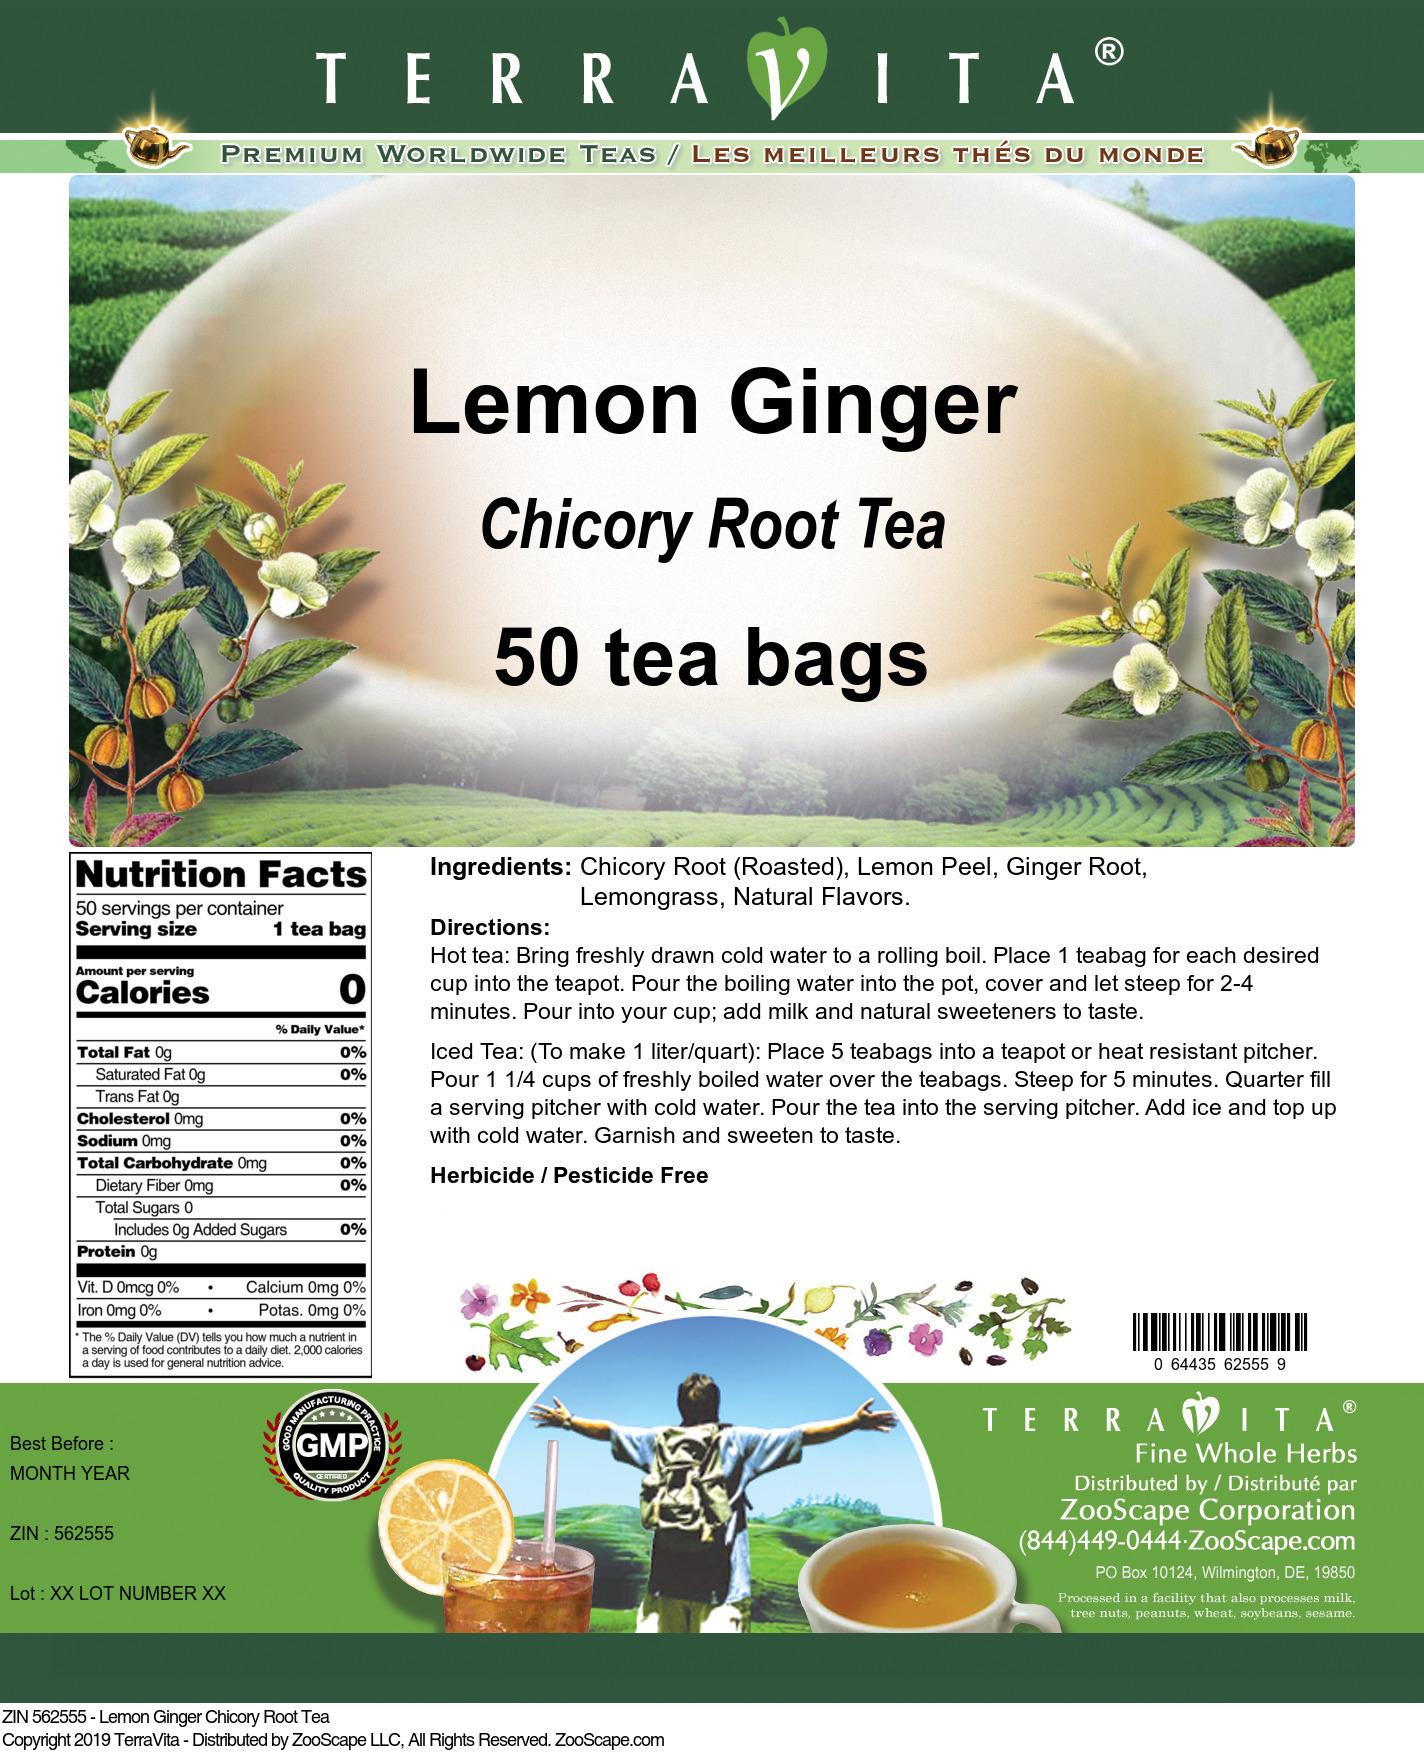 Lemon Ginger Chicory Root Tea